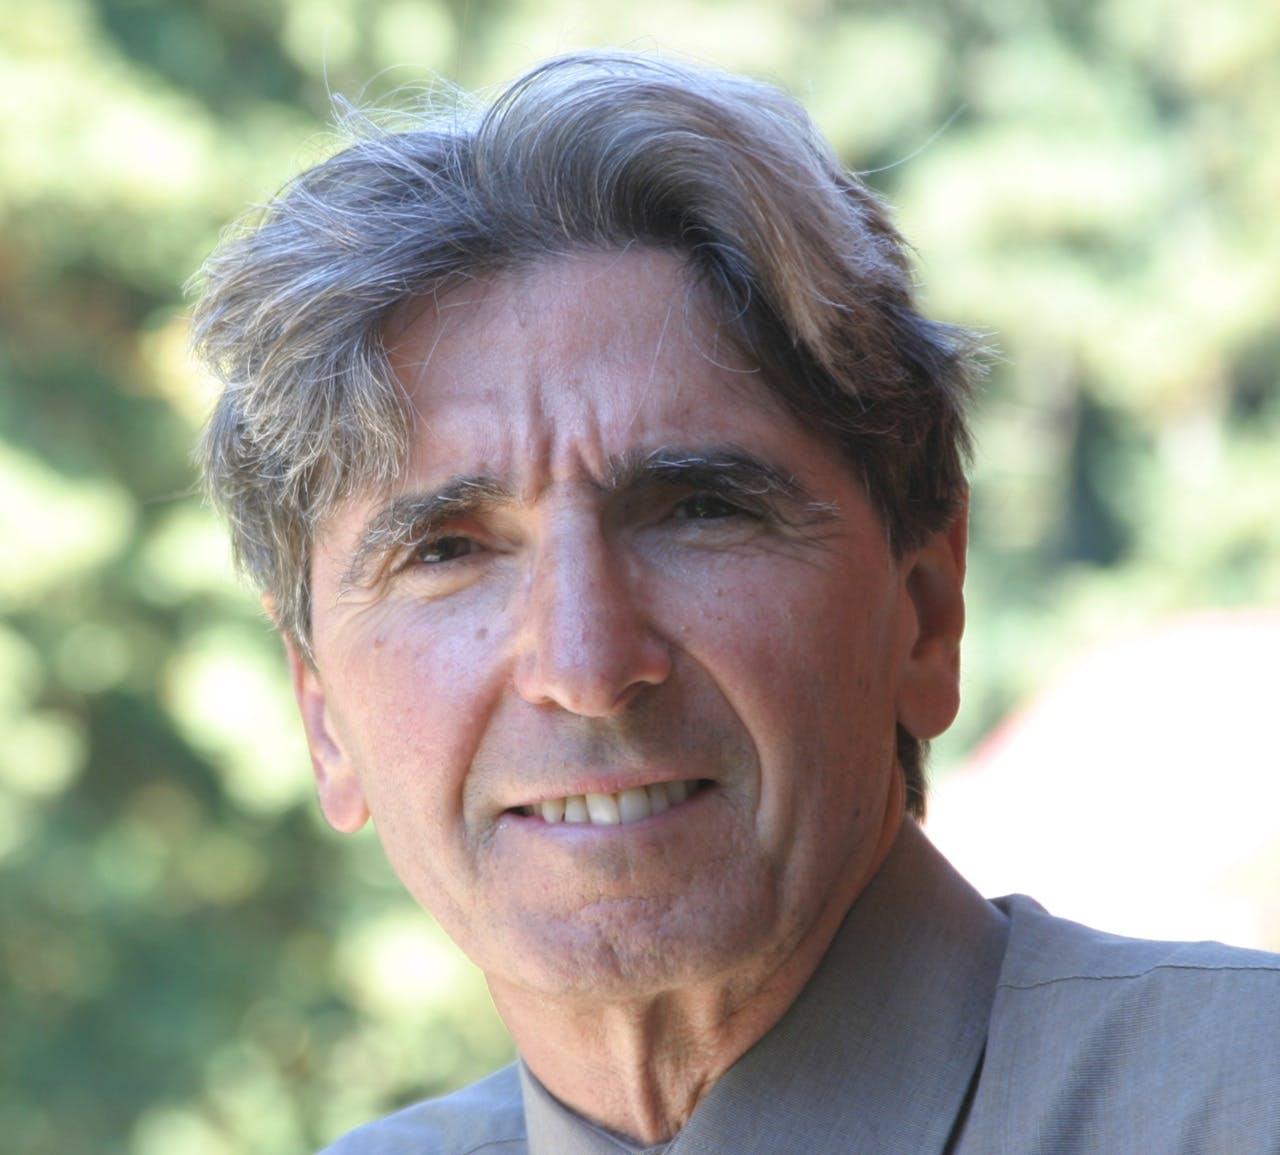 Dr. Dominic William Massaro